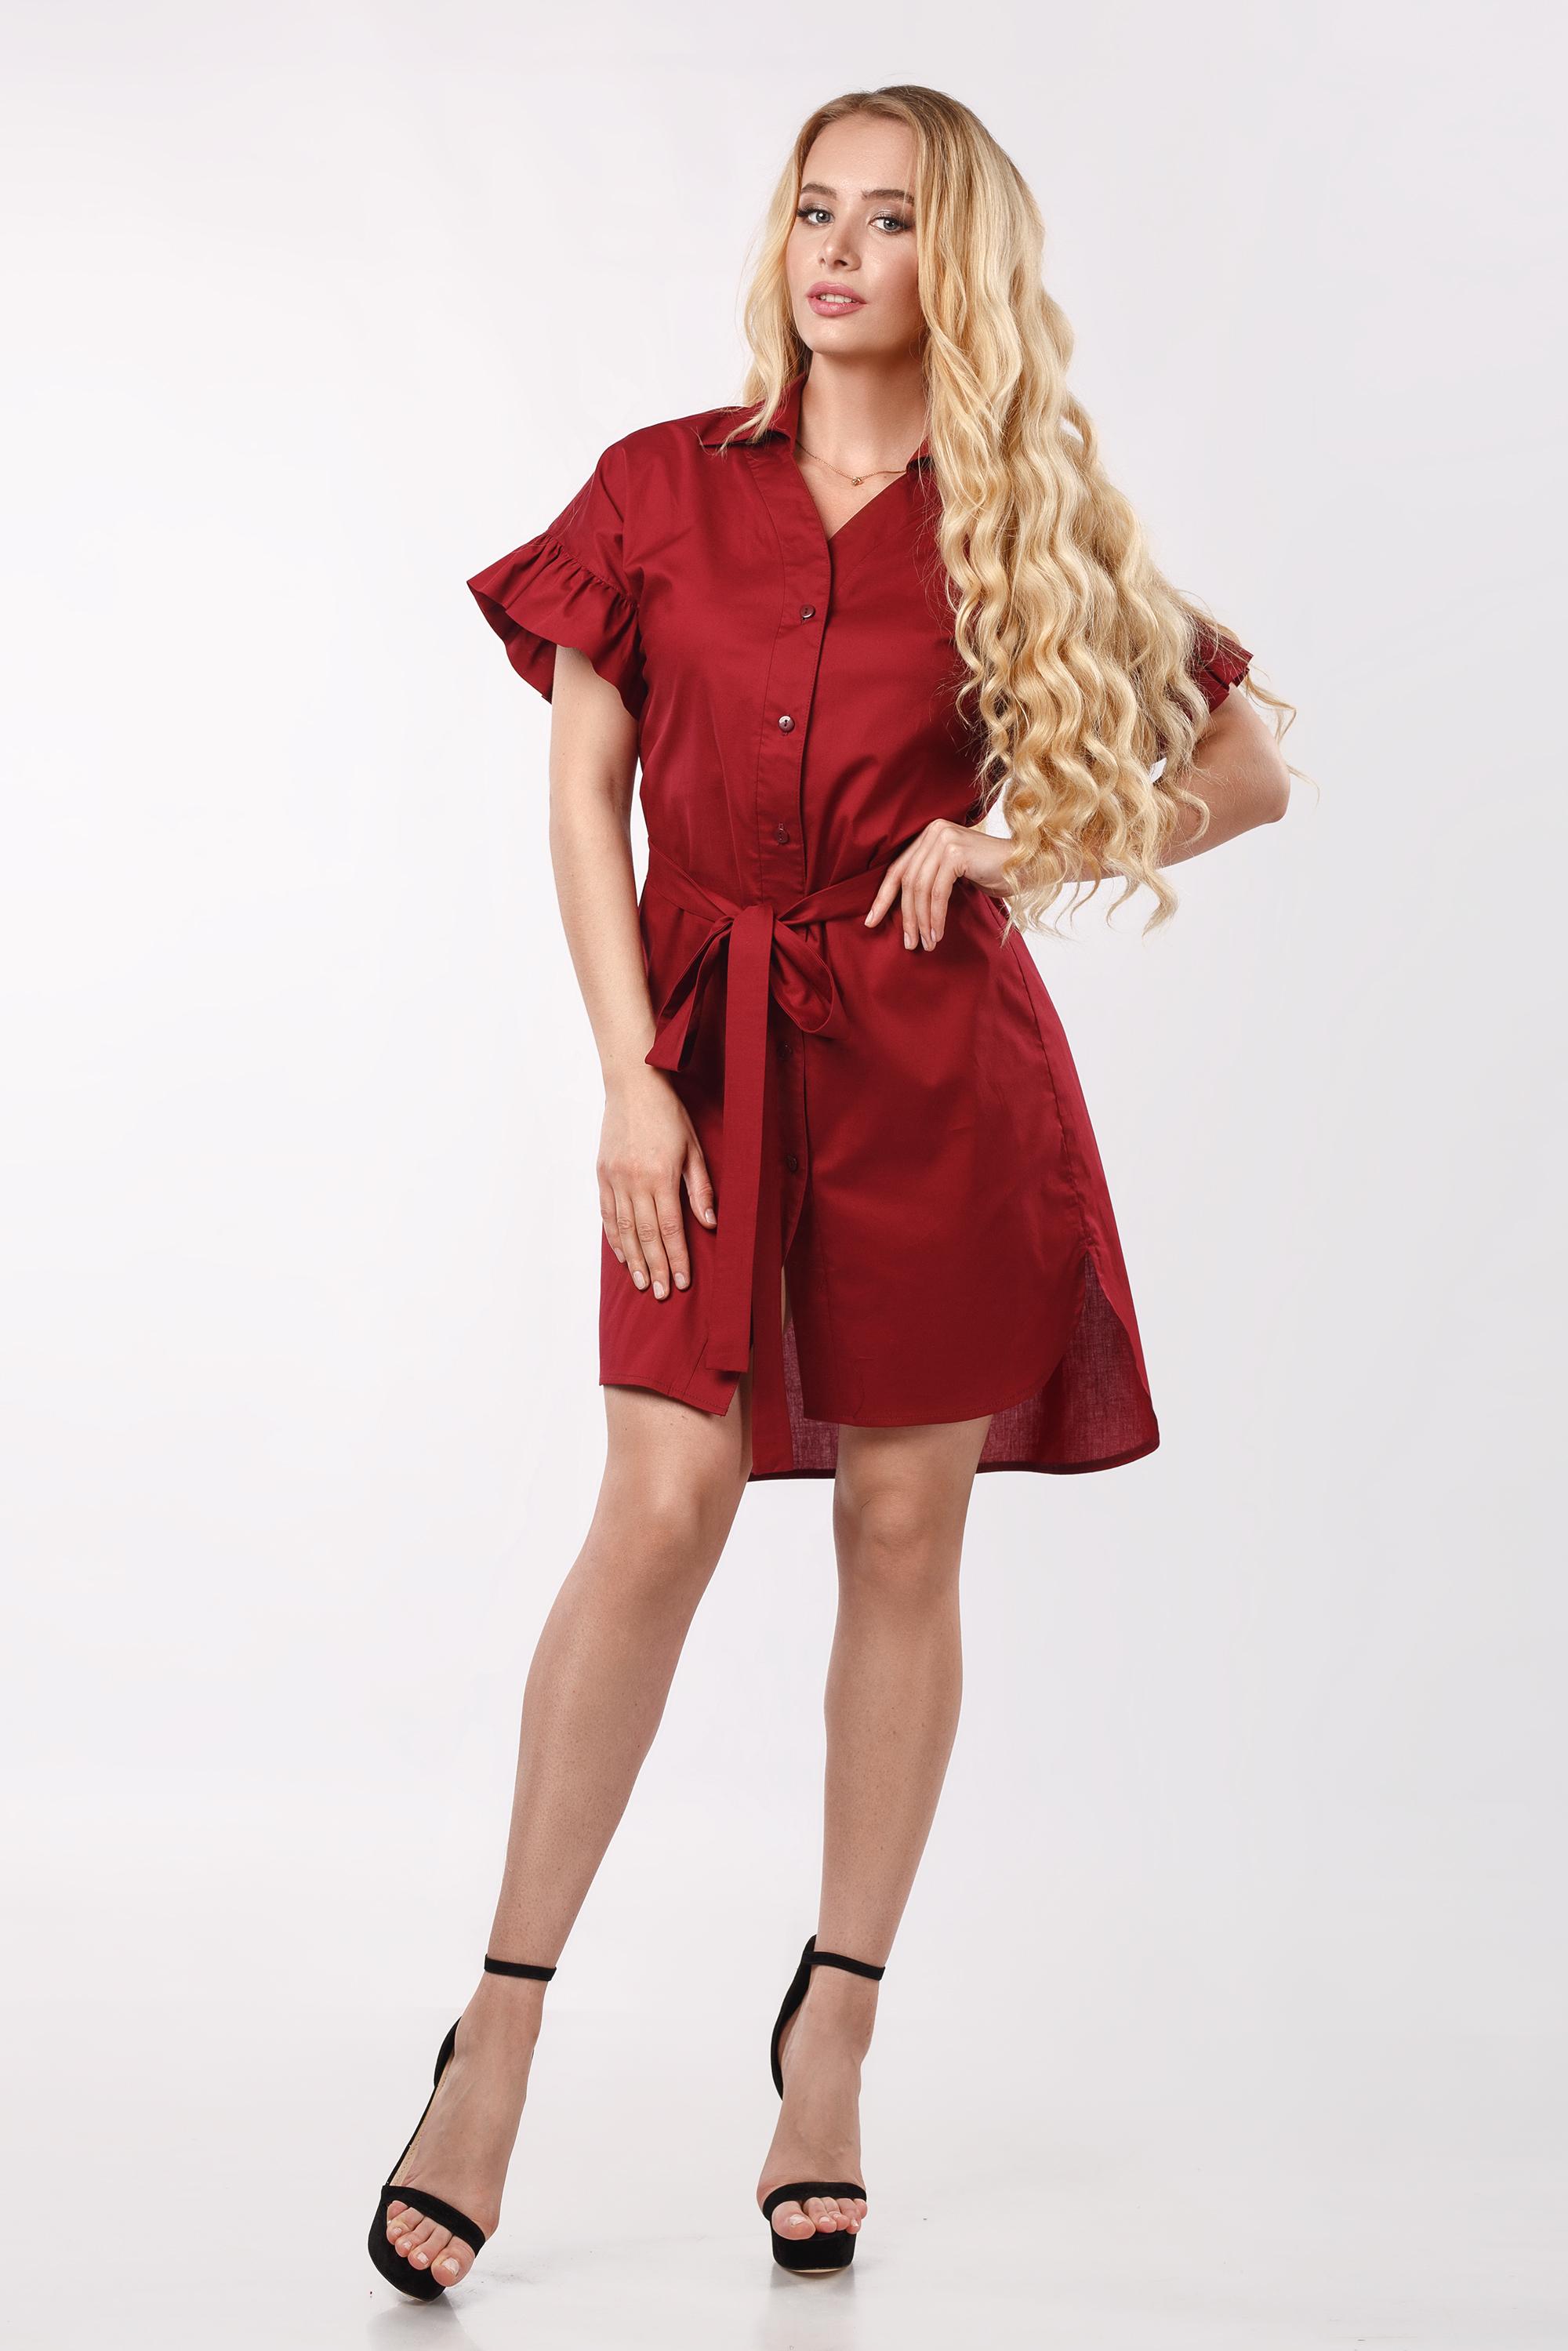 Платье-рубашка ассиметричное с воланами по рукаву Бордо 3381